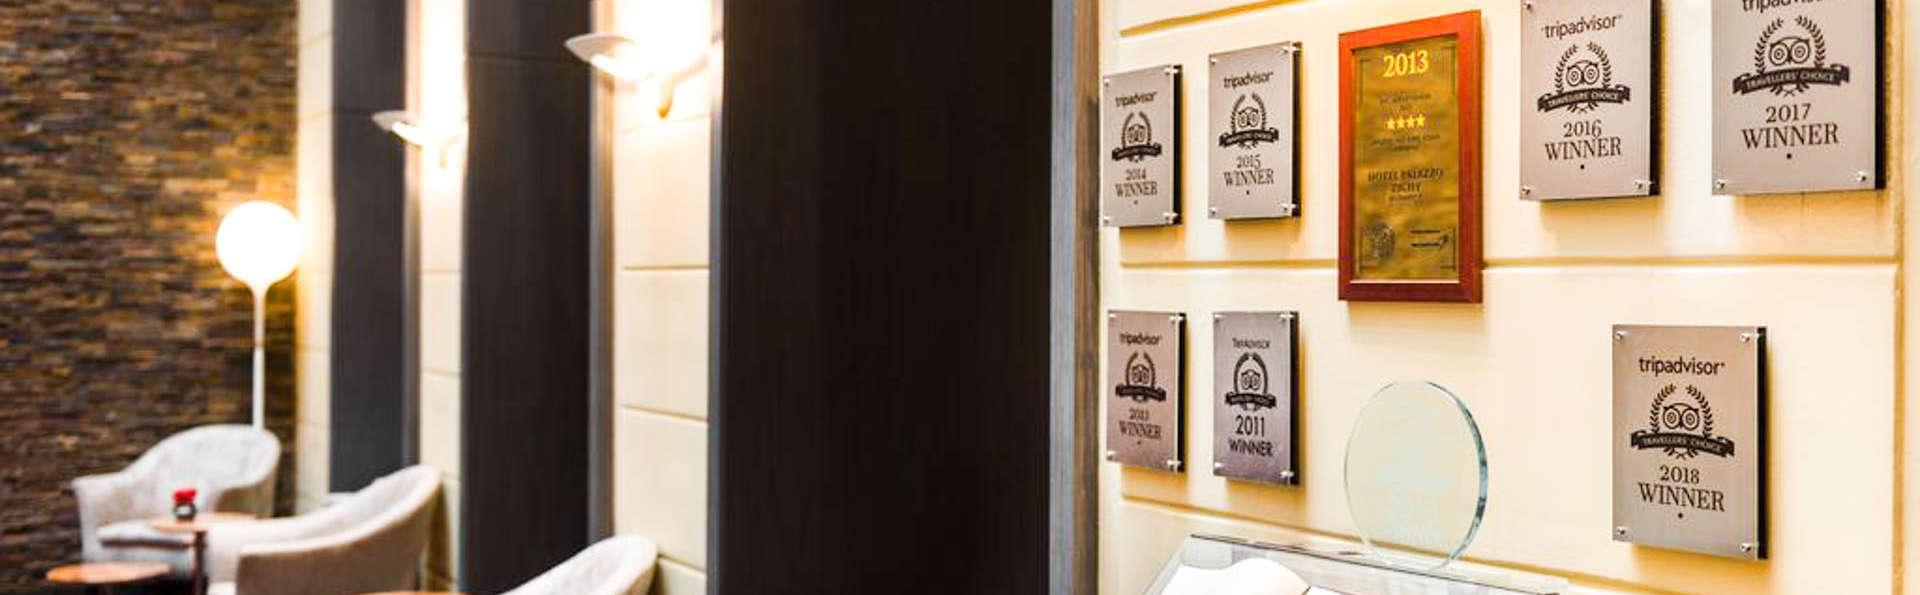 Palazzo Zichy - EDIT_WEB_LOOBY5.jpg